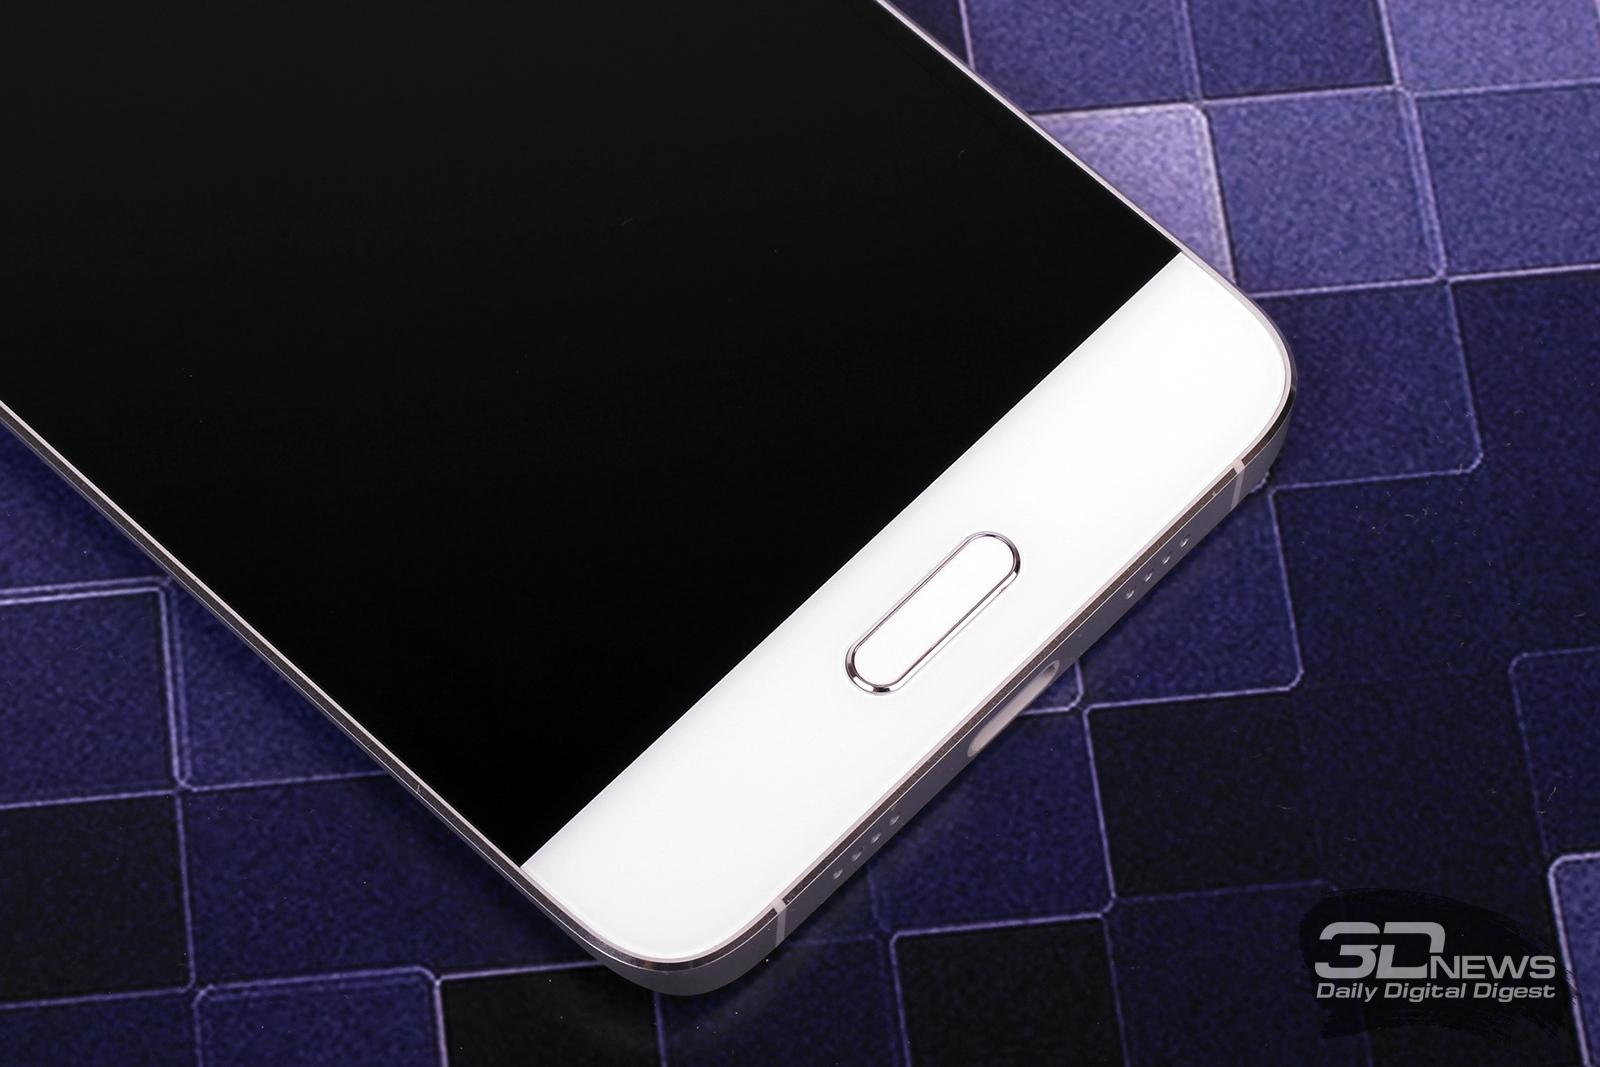 Российская таможня объяснила отказ пропускать смартфоны Xiaomi из интернет-магазинов